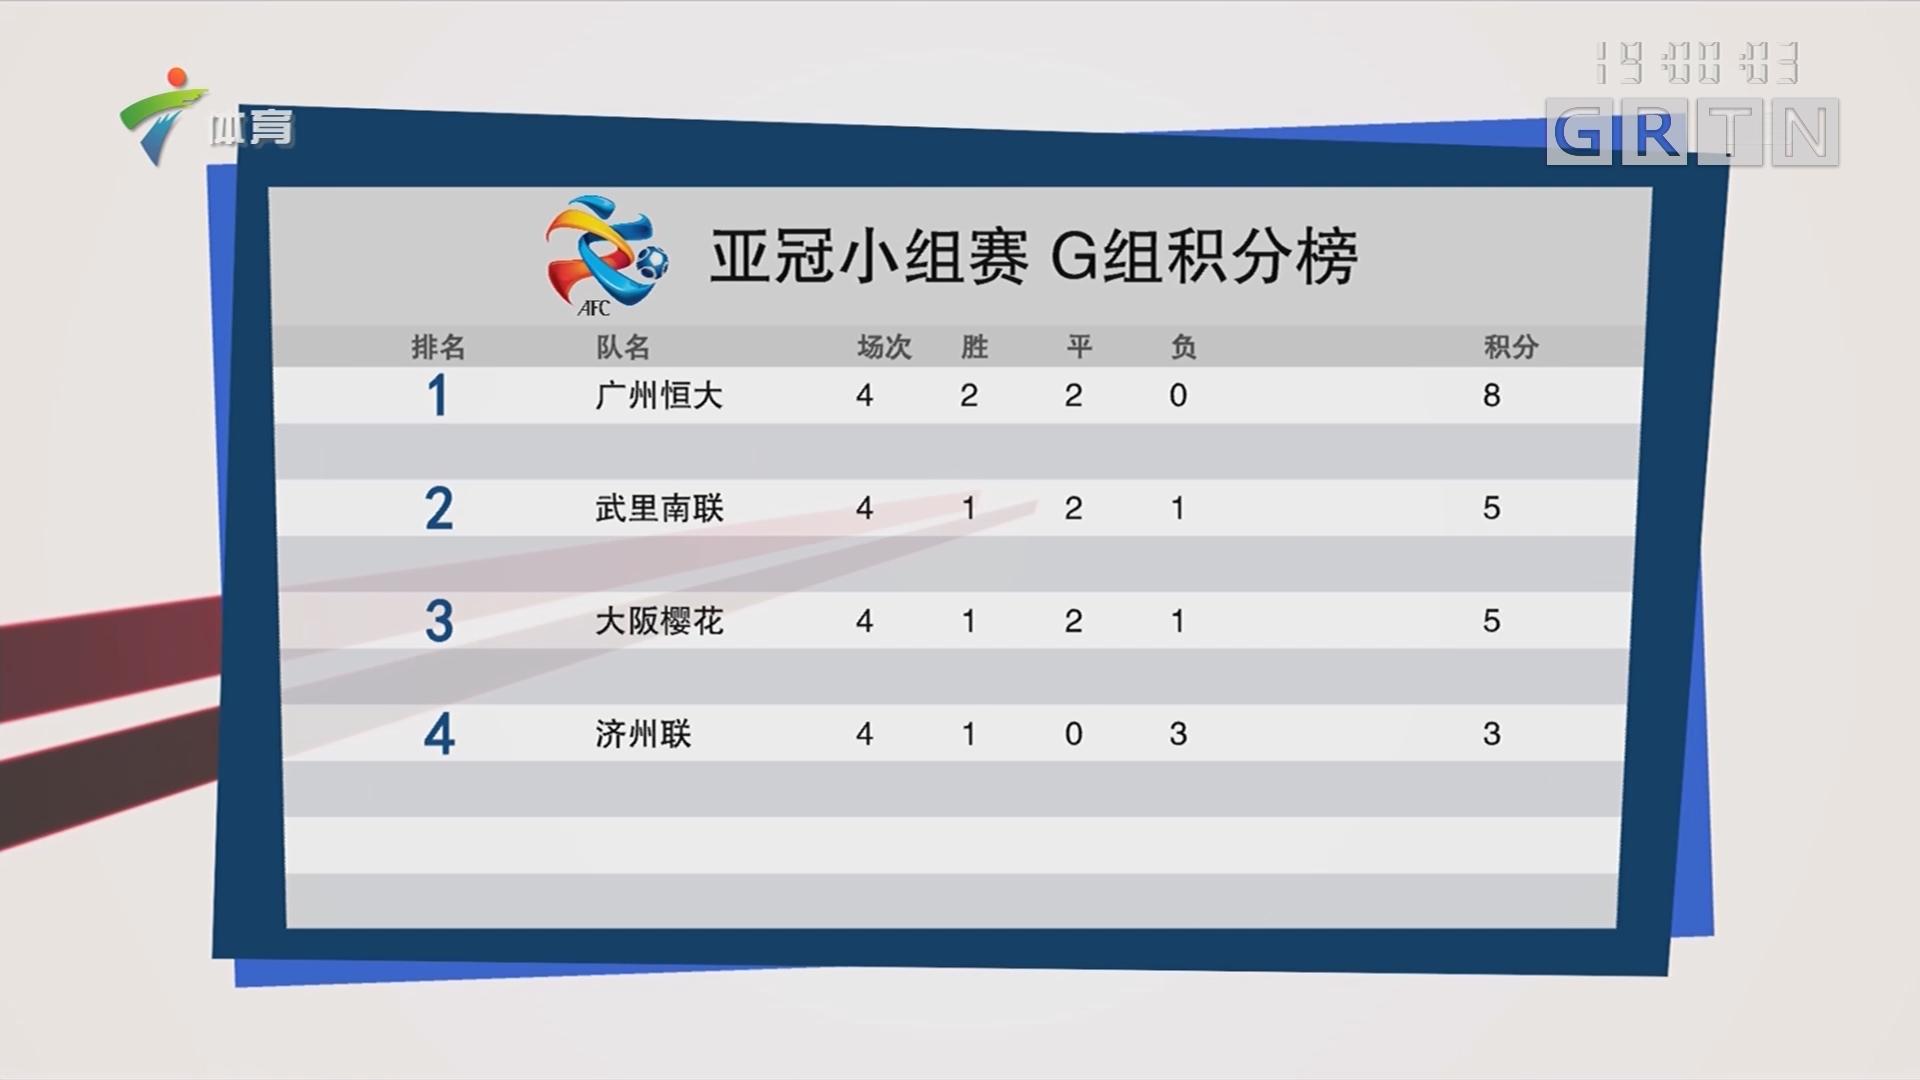 亚冠小组赛 G组积分榜